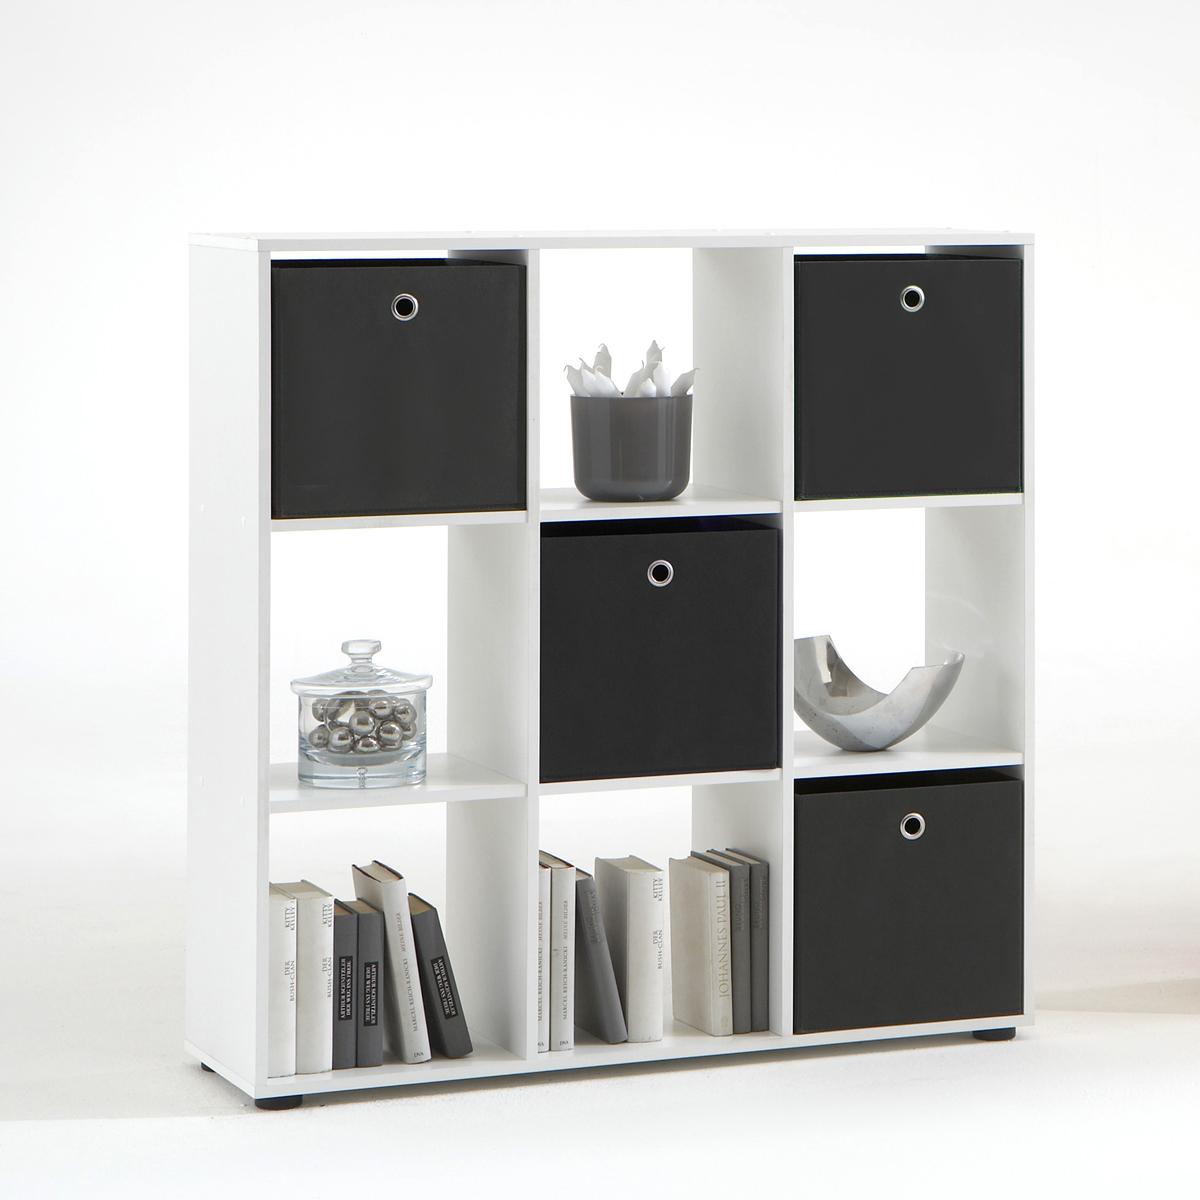 raumtrenner mit tr trendy kche esszimmer design glas raumteiler glas bildschirm ideen with. Black Bedroom Furniture Sets. Home Design Ideas